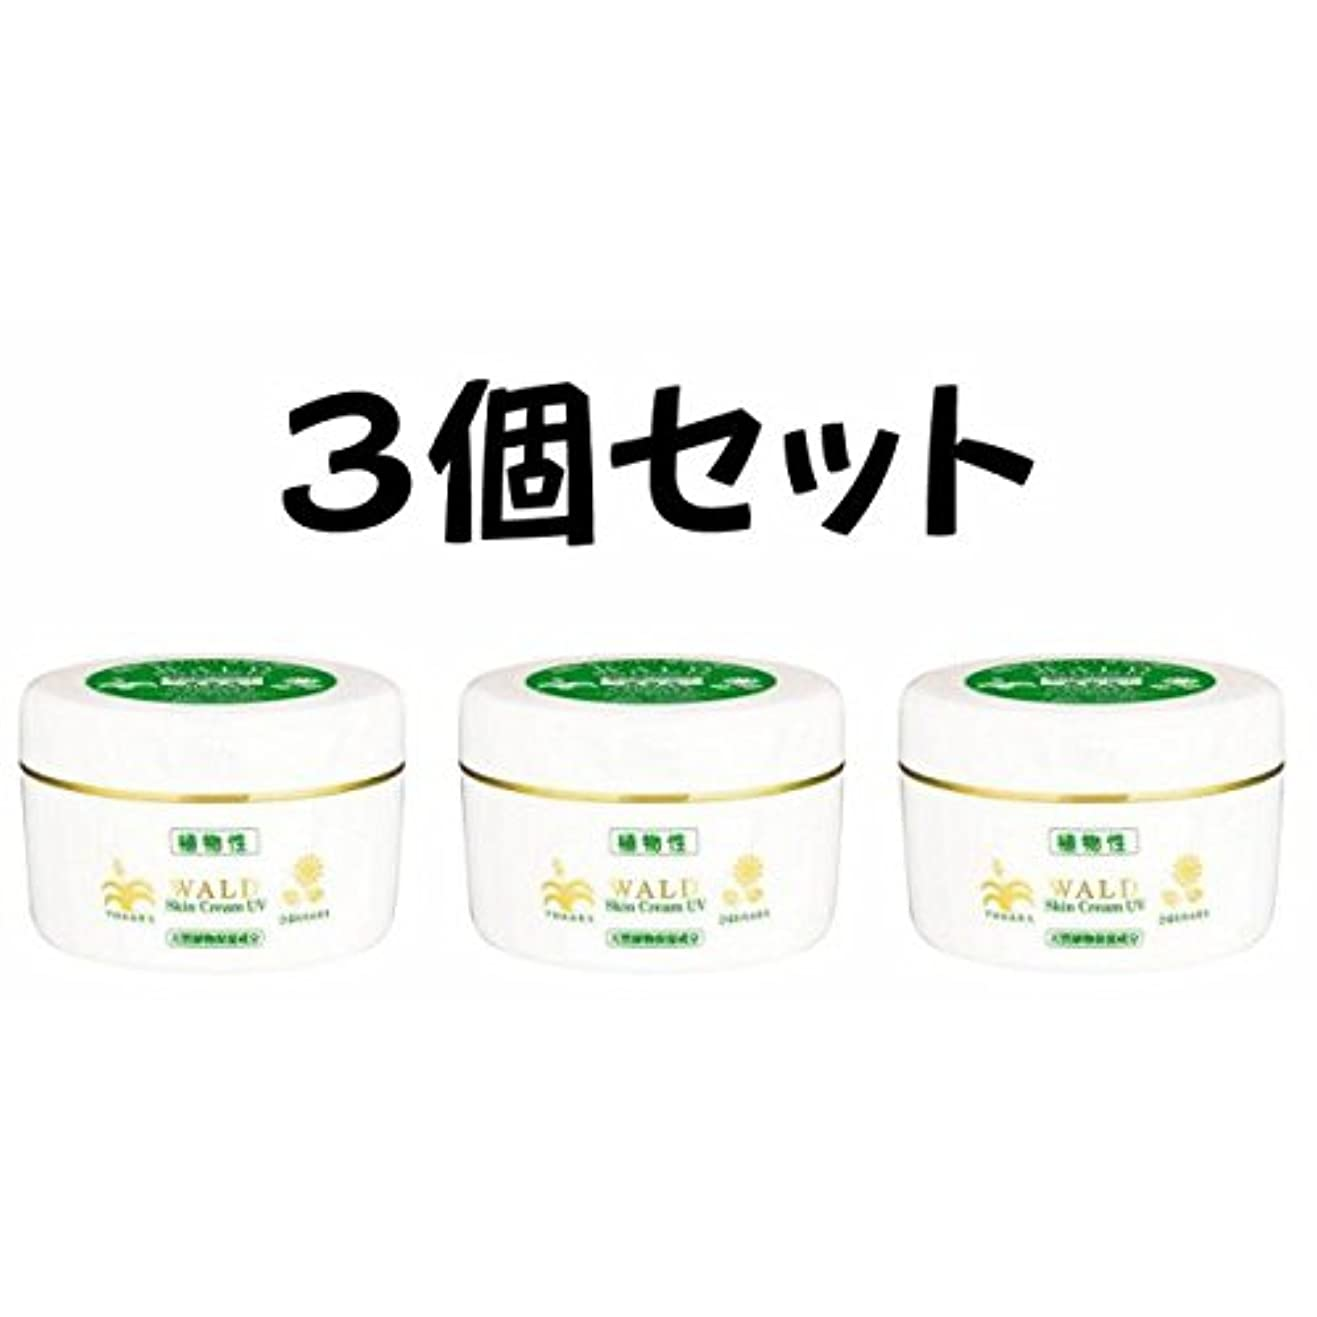 新 ヴァルトスキンクリーム UV (WALD Skin Cream UV) 220g (3)